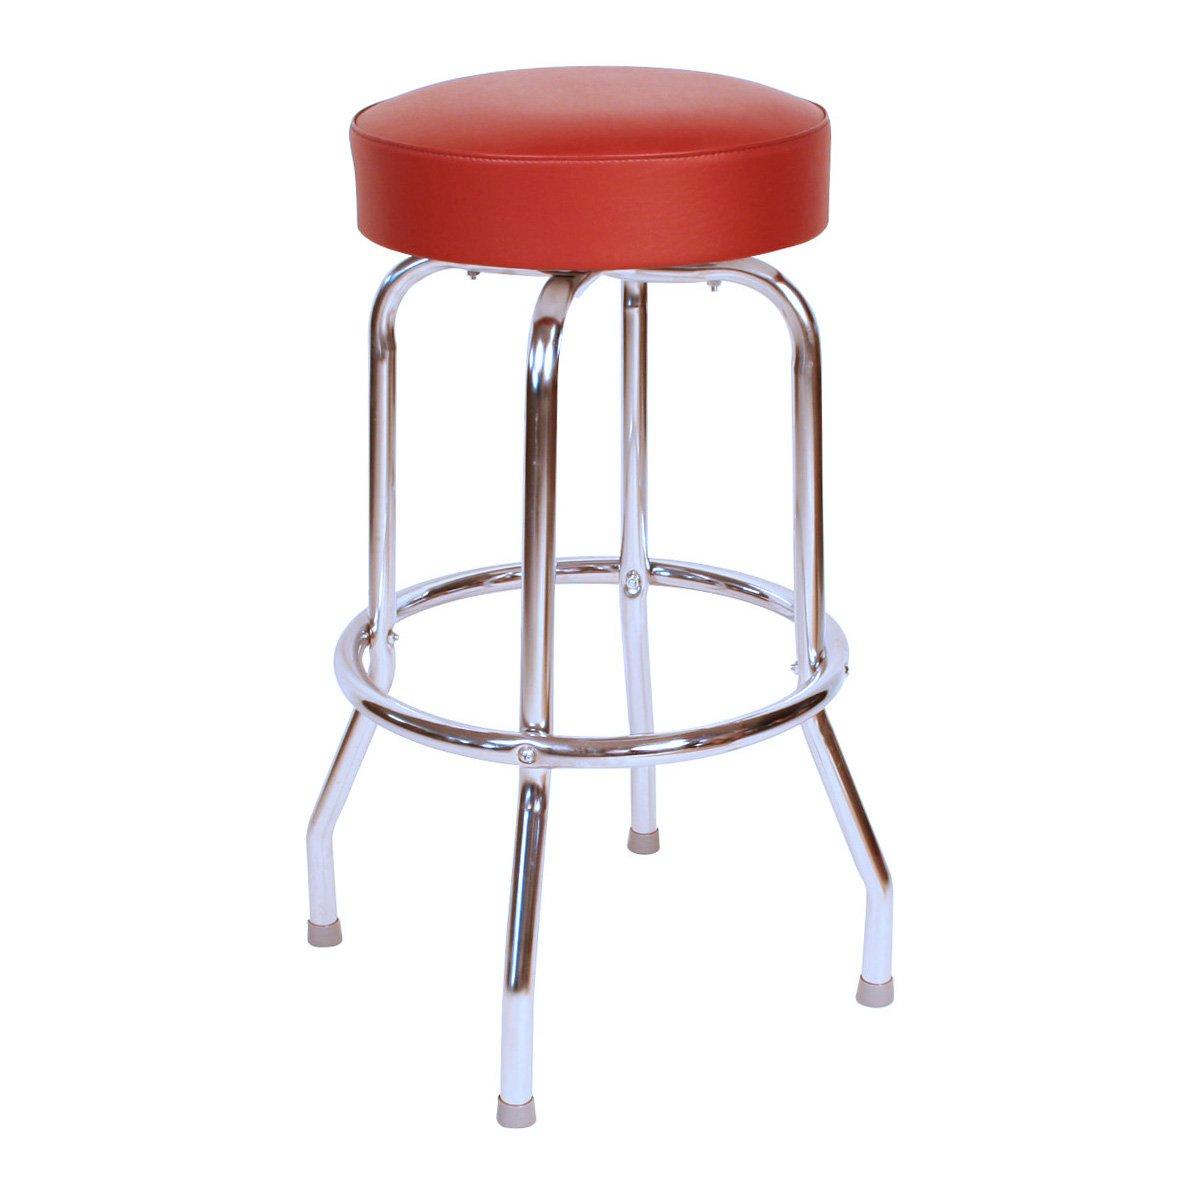 Tall kitchen stools Photo - 4